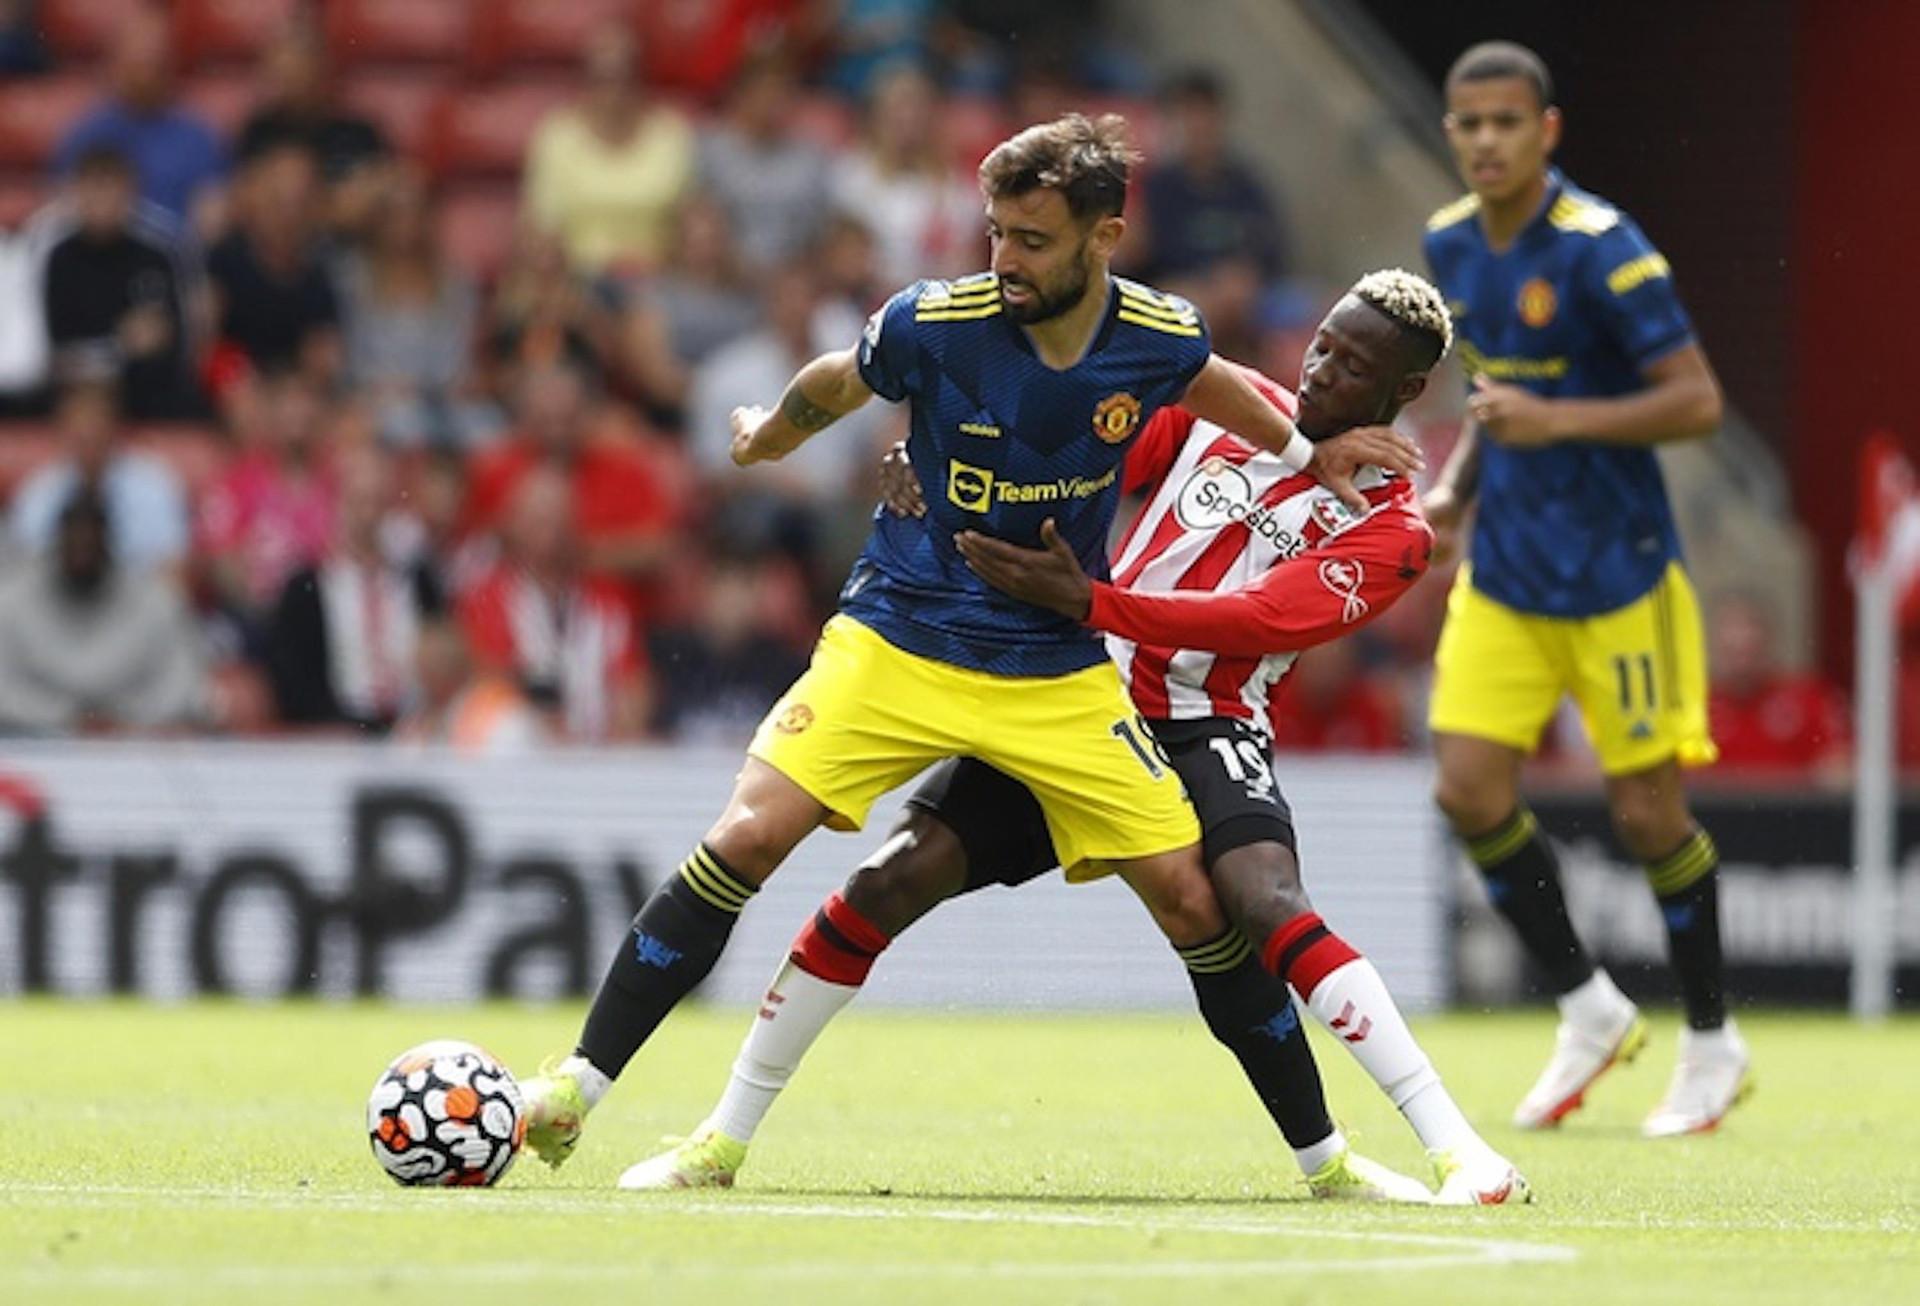 Bruno Fernandes mờ nhạt, Man Utd mất ngôi đầu bảng Ngoại hạng Anh  - 1